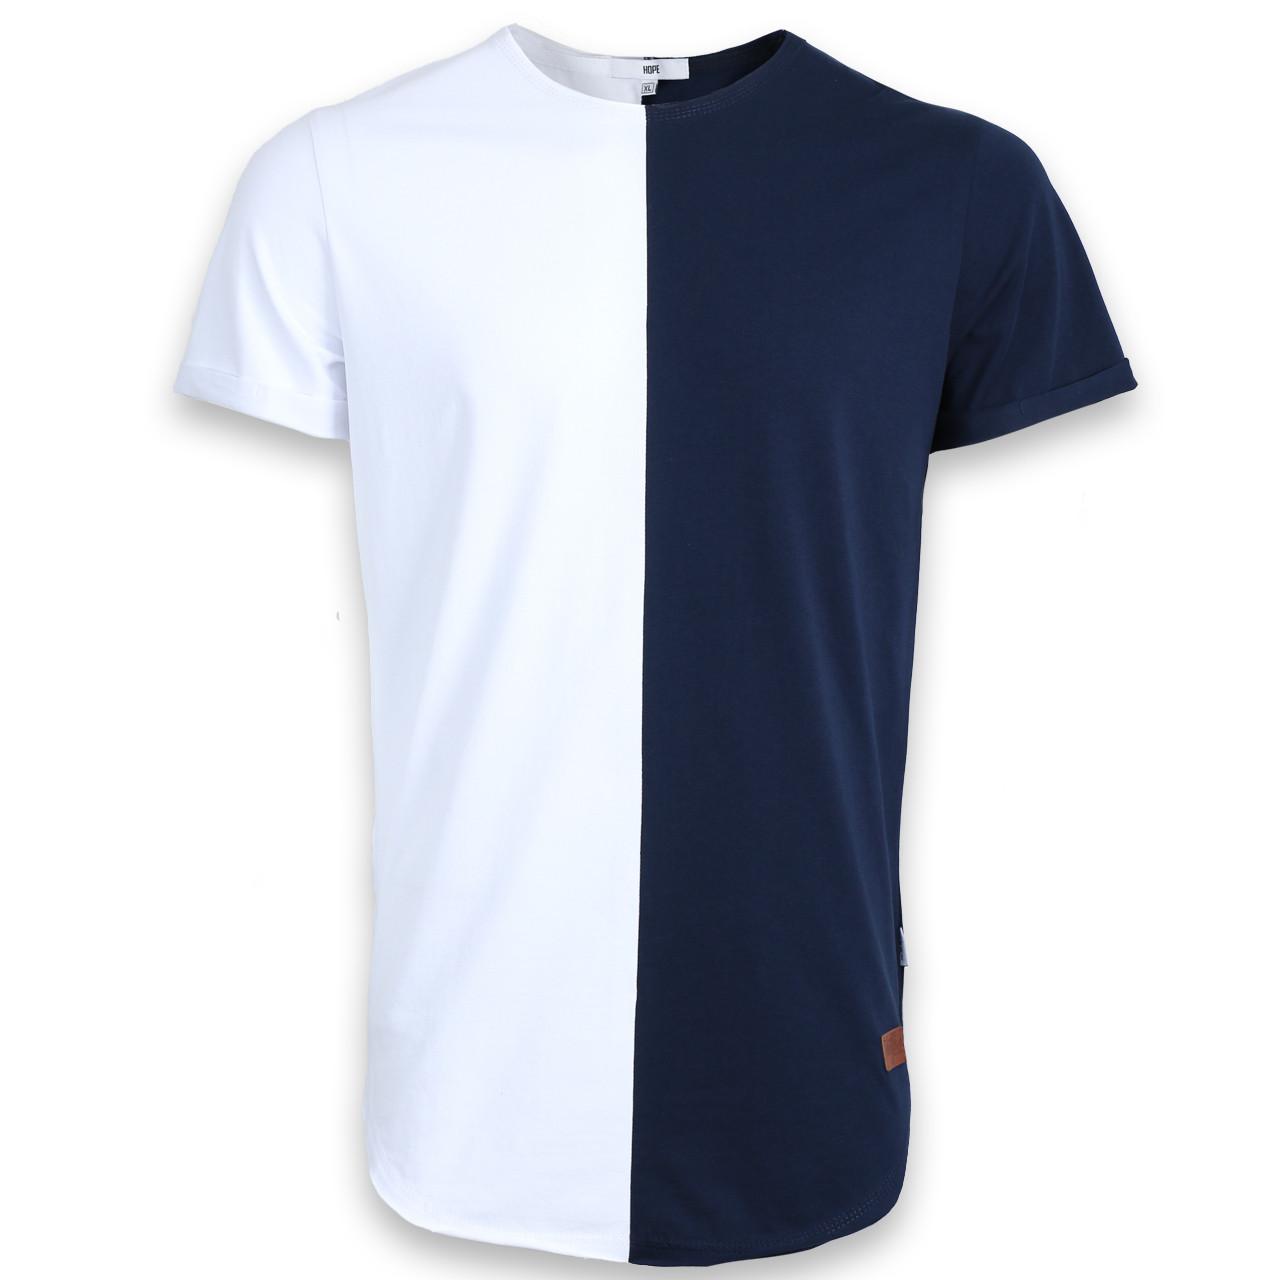 Футболка мужская т синяя-белая HOPE Ф-12 DBLU/WHT L(Р) 18-652-020